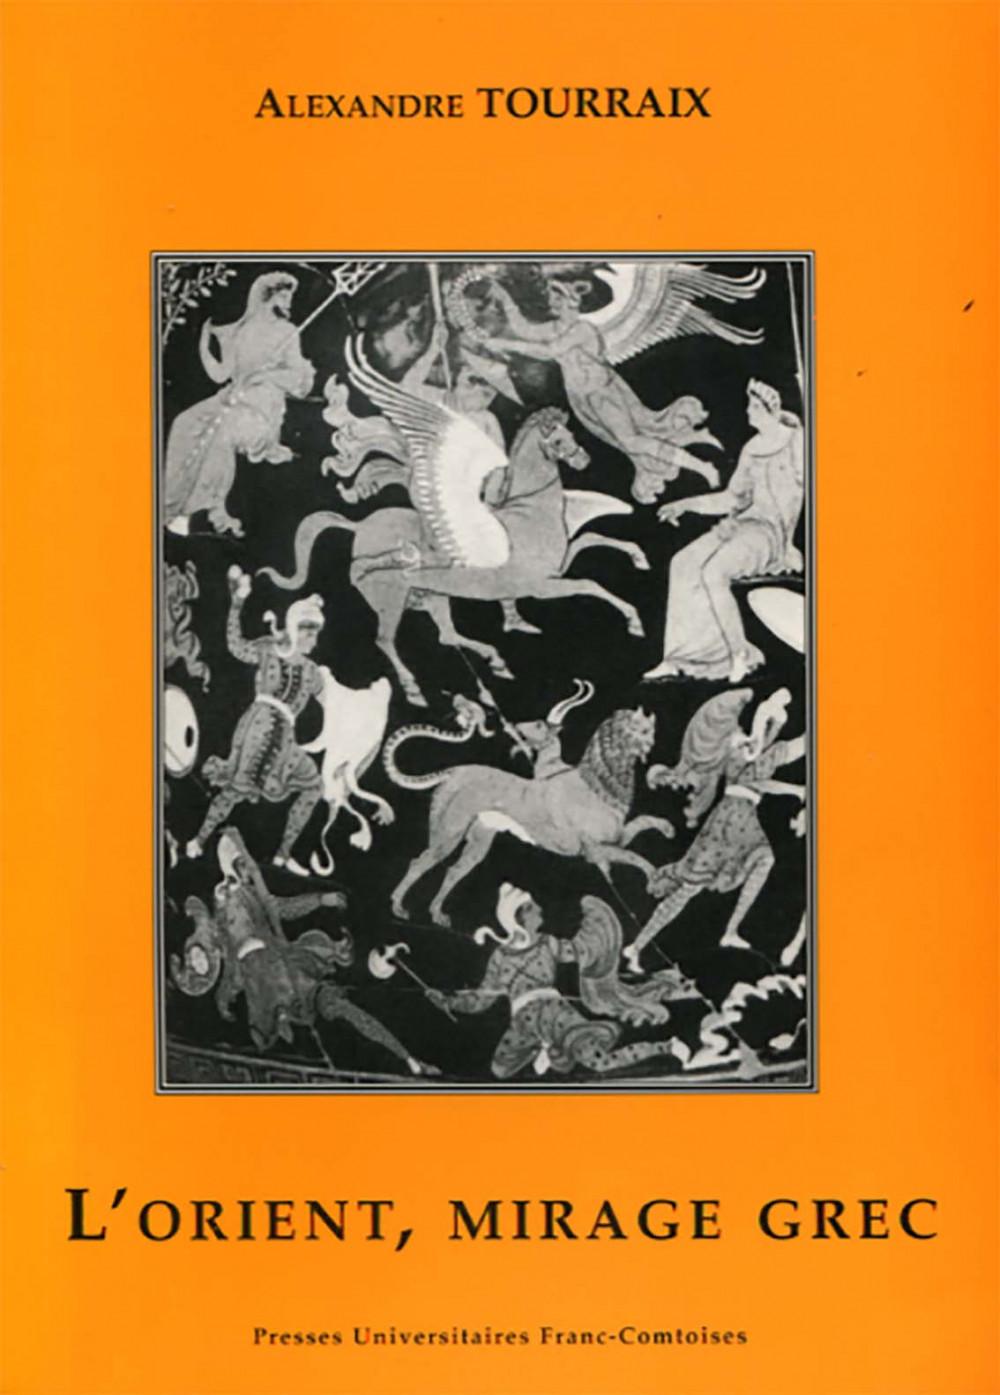 Le mirage grec. L'Orient du mythe et de l'épopée